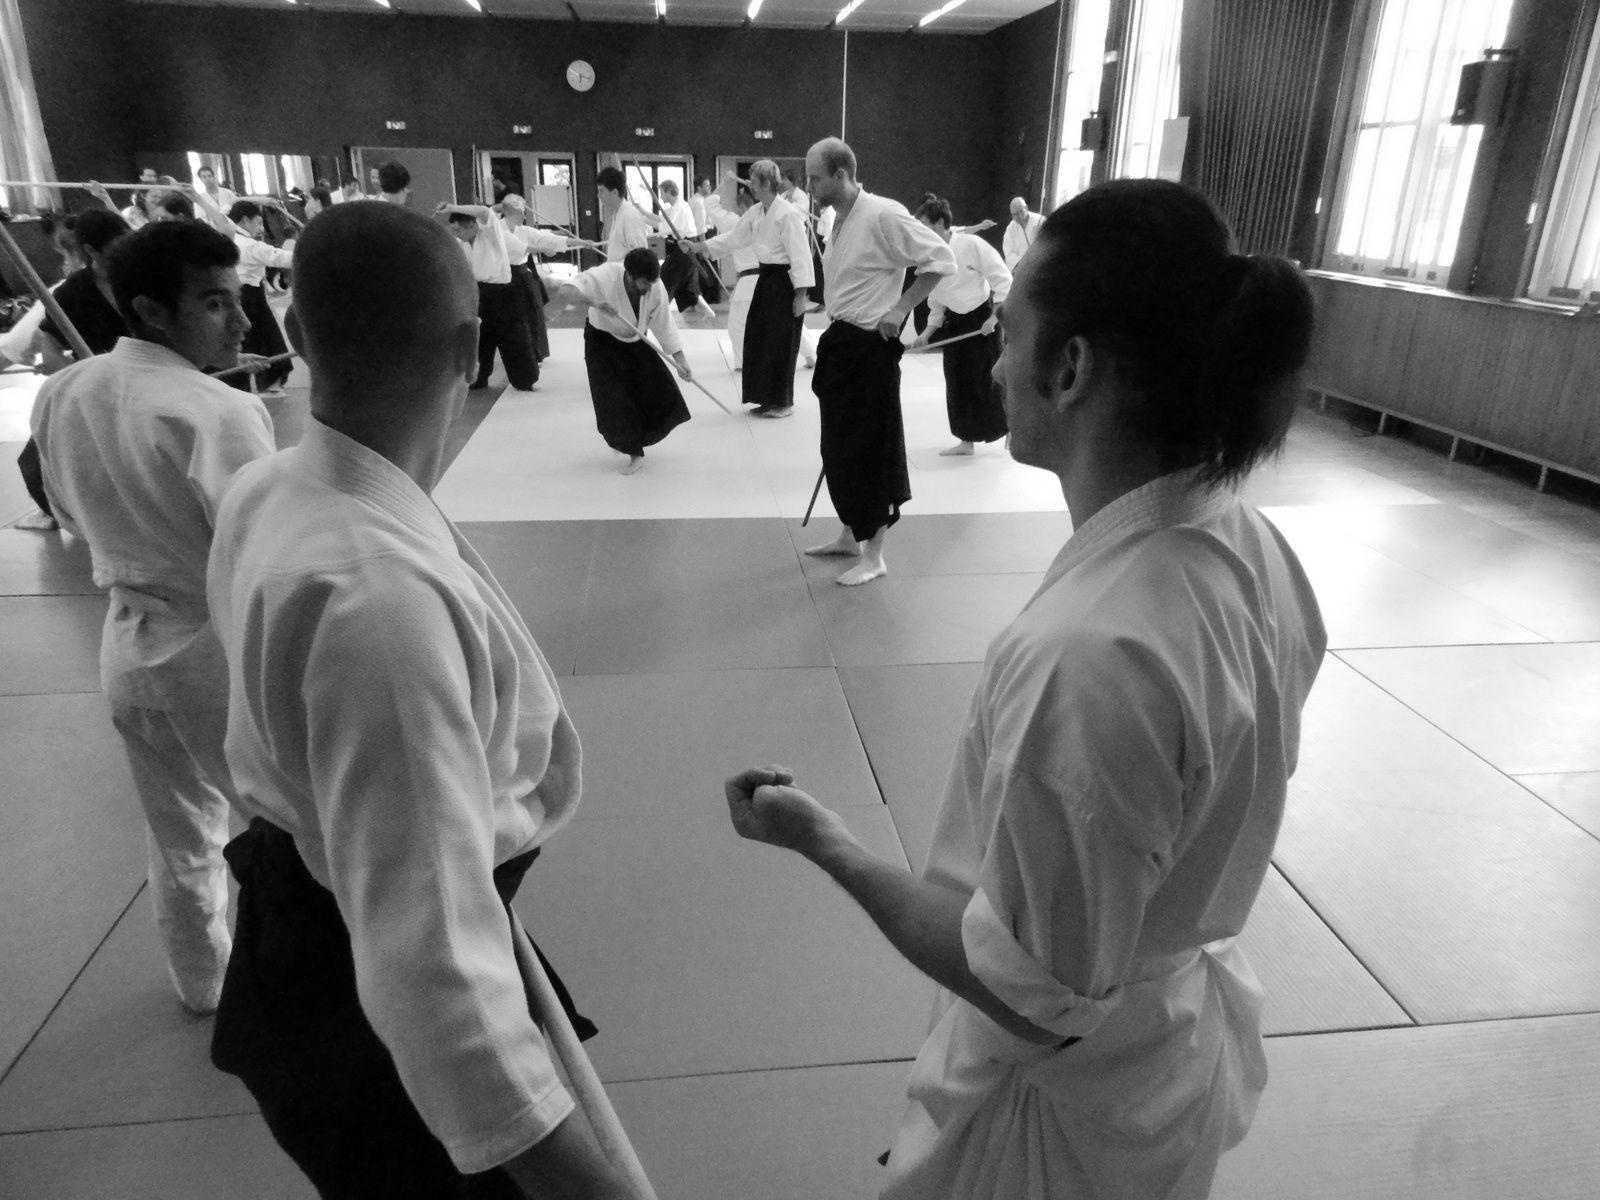 pratiquer, enseigner sous l'oeil du maître